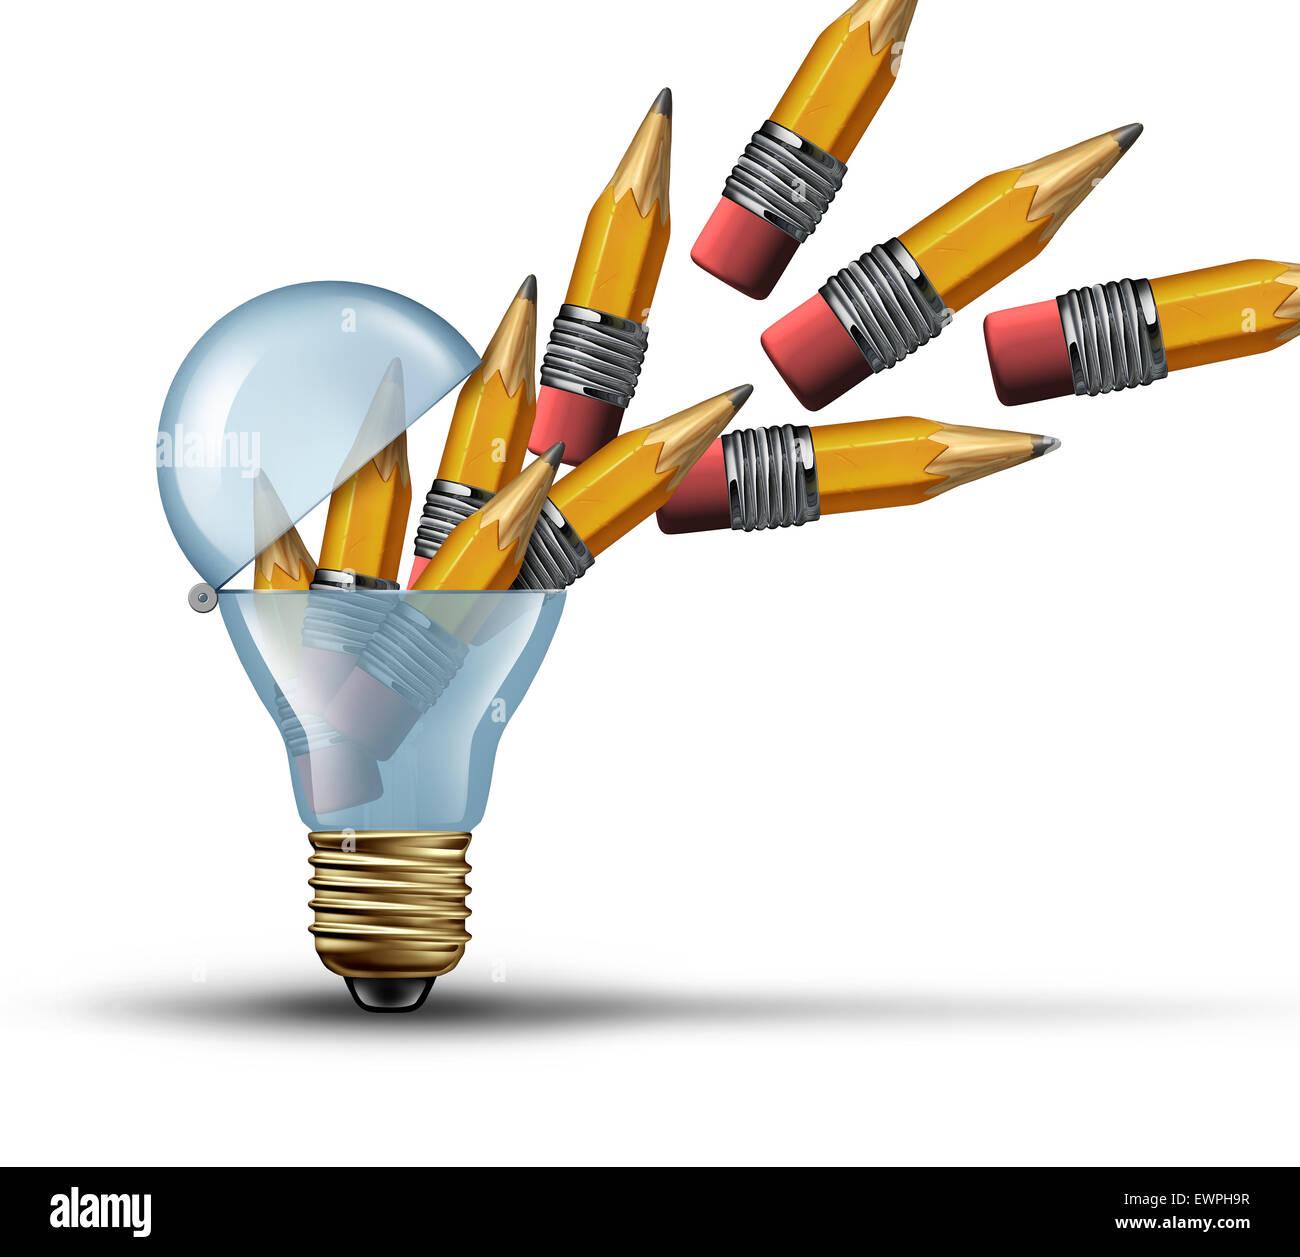 Phantasie und Kreativität-Konzept als offene Glühlampe oder Glühbirne Symbol für out of the Stockbild